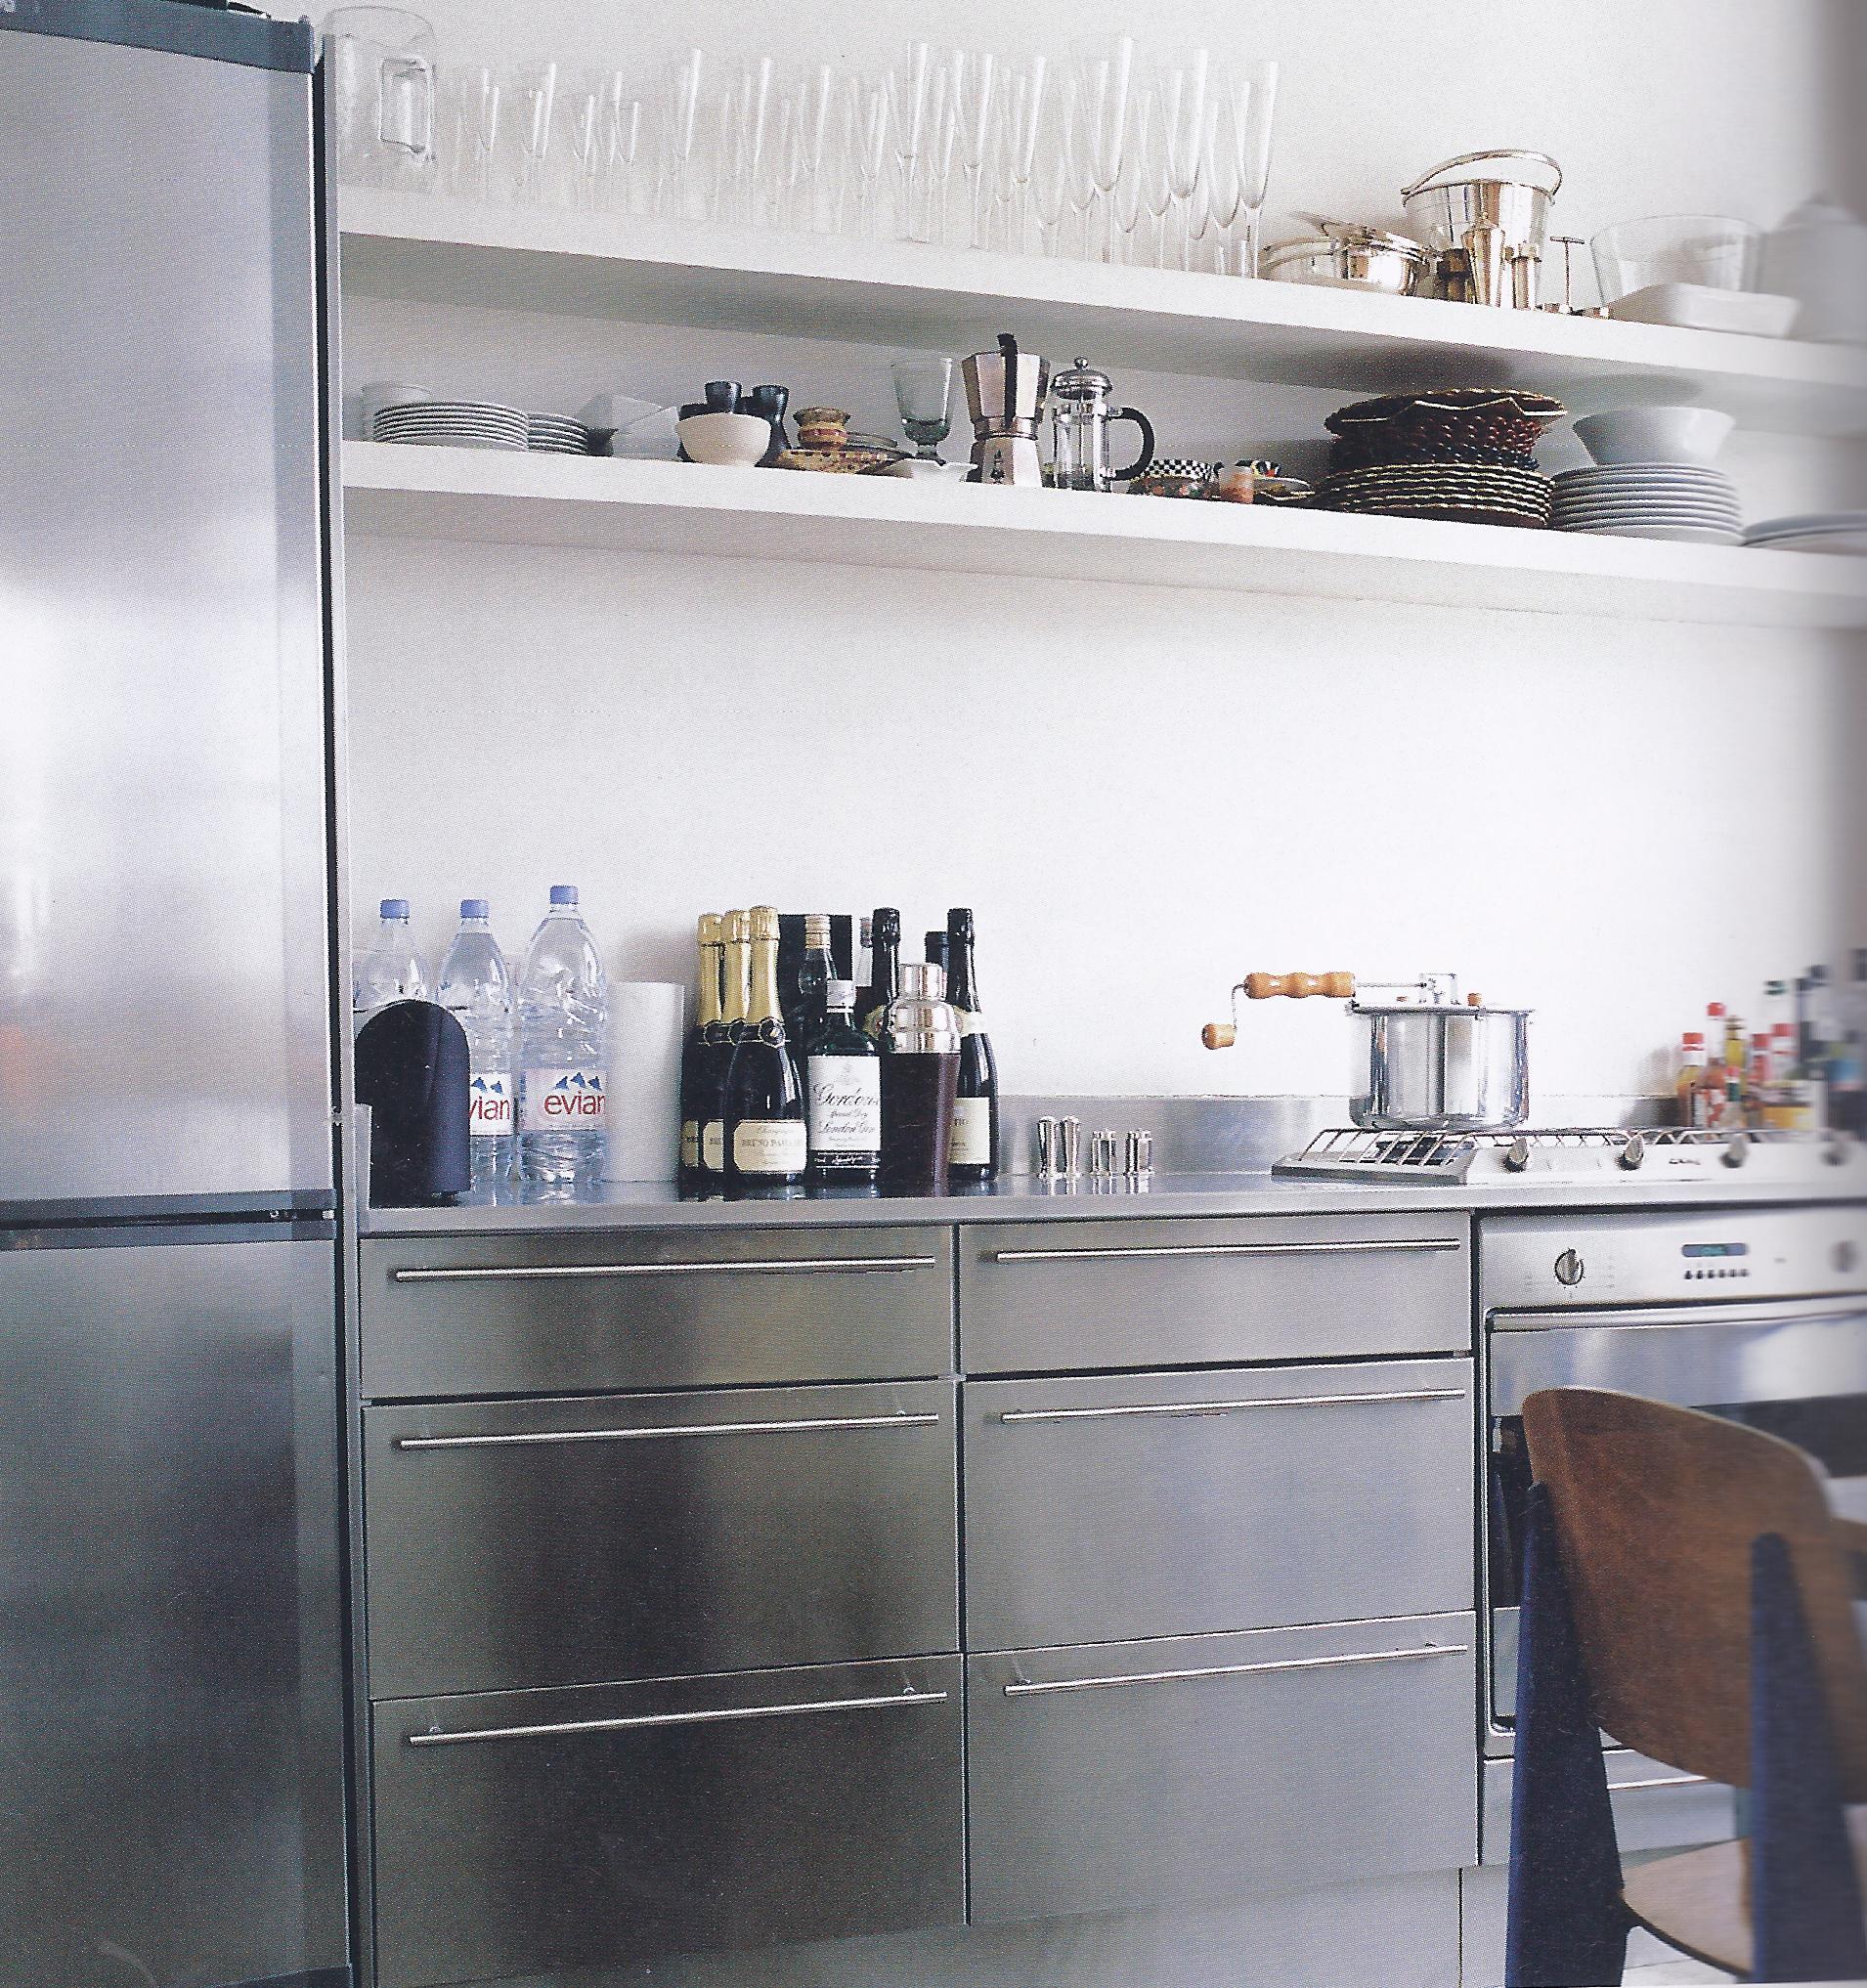 Keuken Tegels Wand : Vijf eco-materialen voor de (keuken)wand Blog